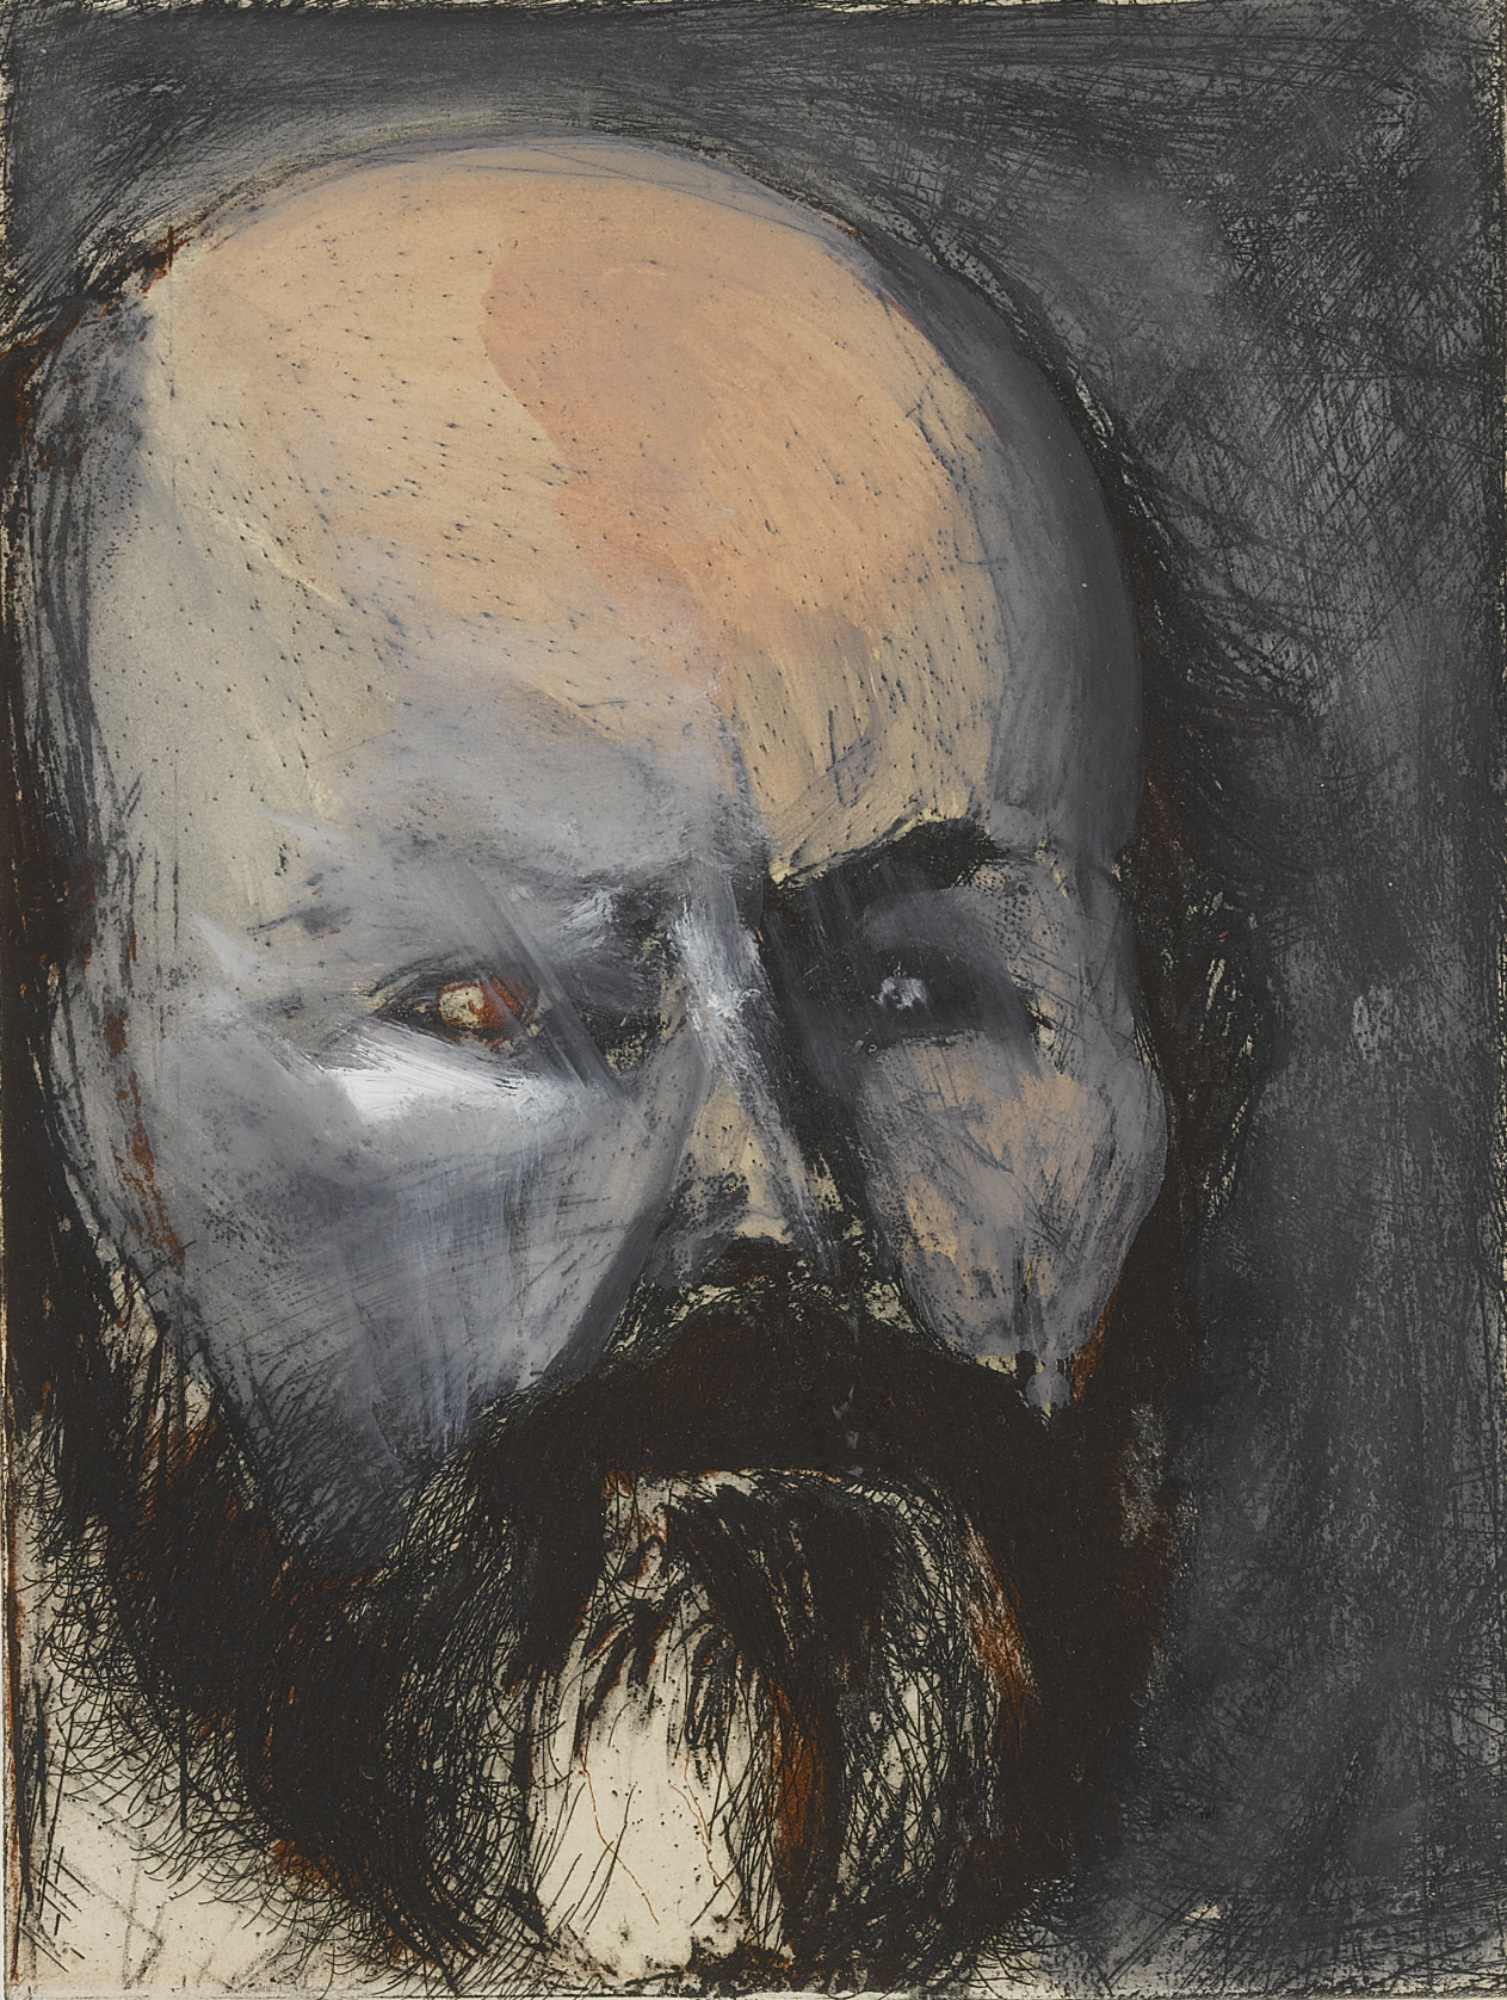 Jim Dine-Self-Portrait With Oil Paint (D. & F. 28)-